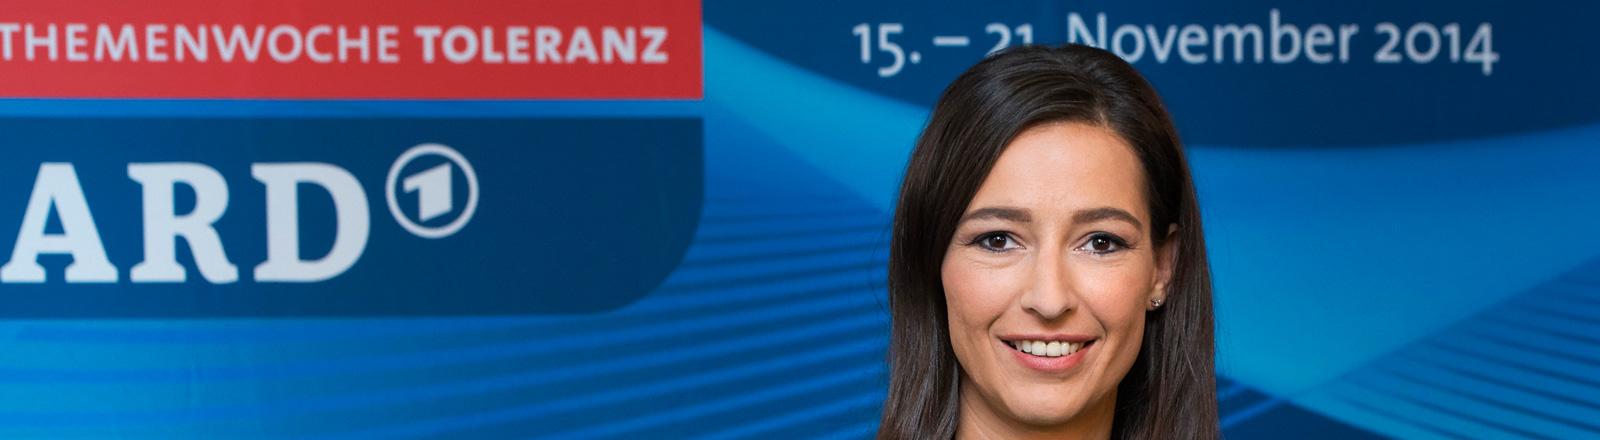 Tagesthemen-Moderatorin und Themenpatin Pinar Atalay / Pressekonferenz anlaesslich der ARD-Themenwoche zum Thema Toleranz / Muenchen / 06.10.2014